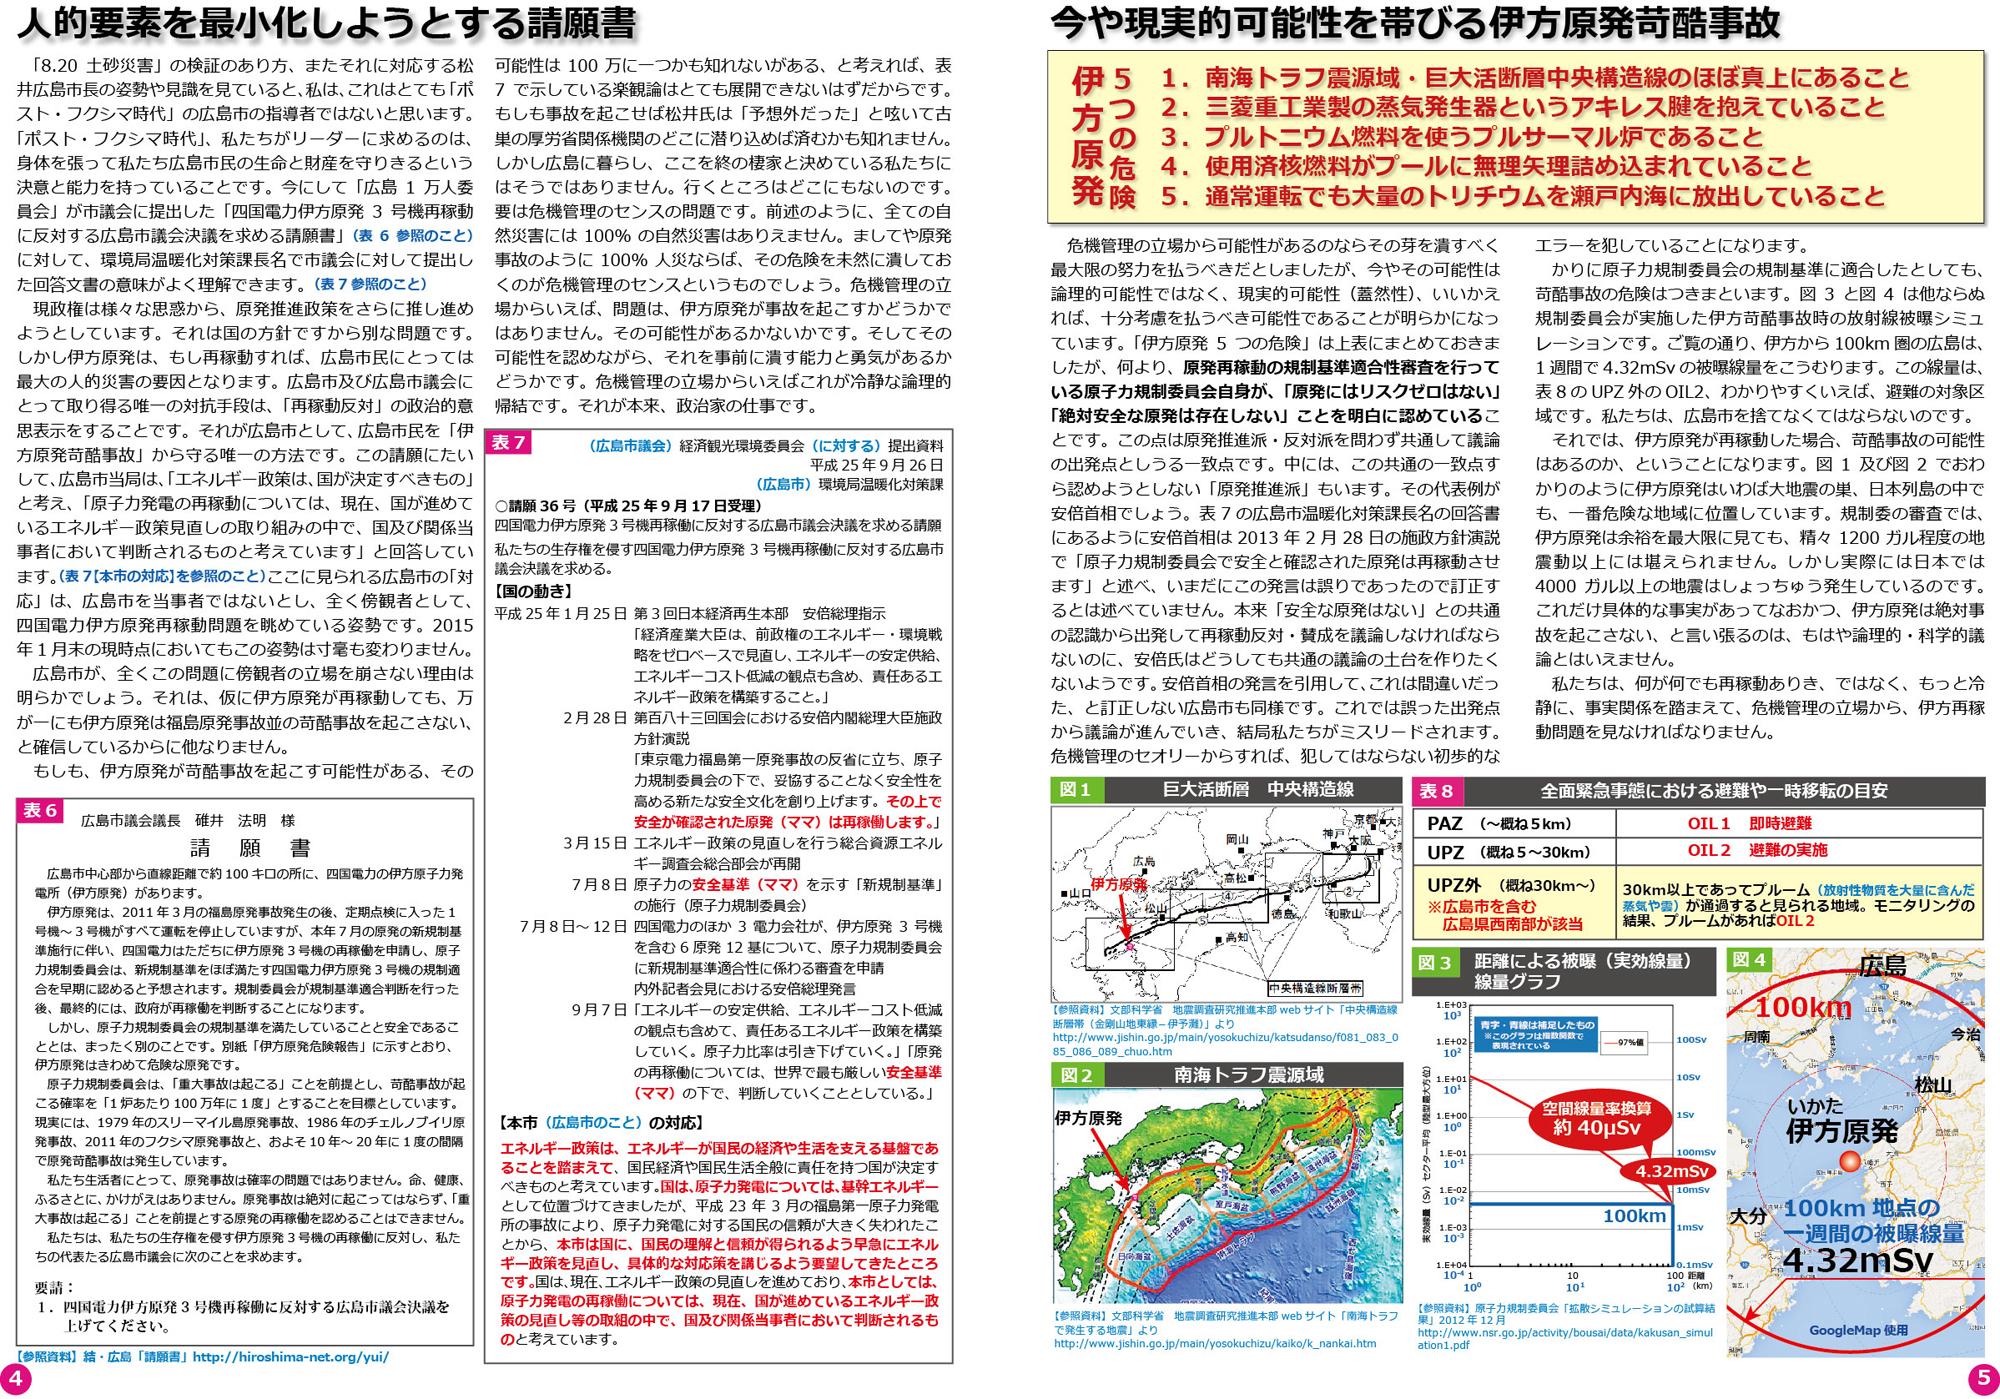 ファイル 385-3.jpg